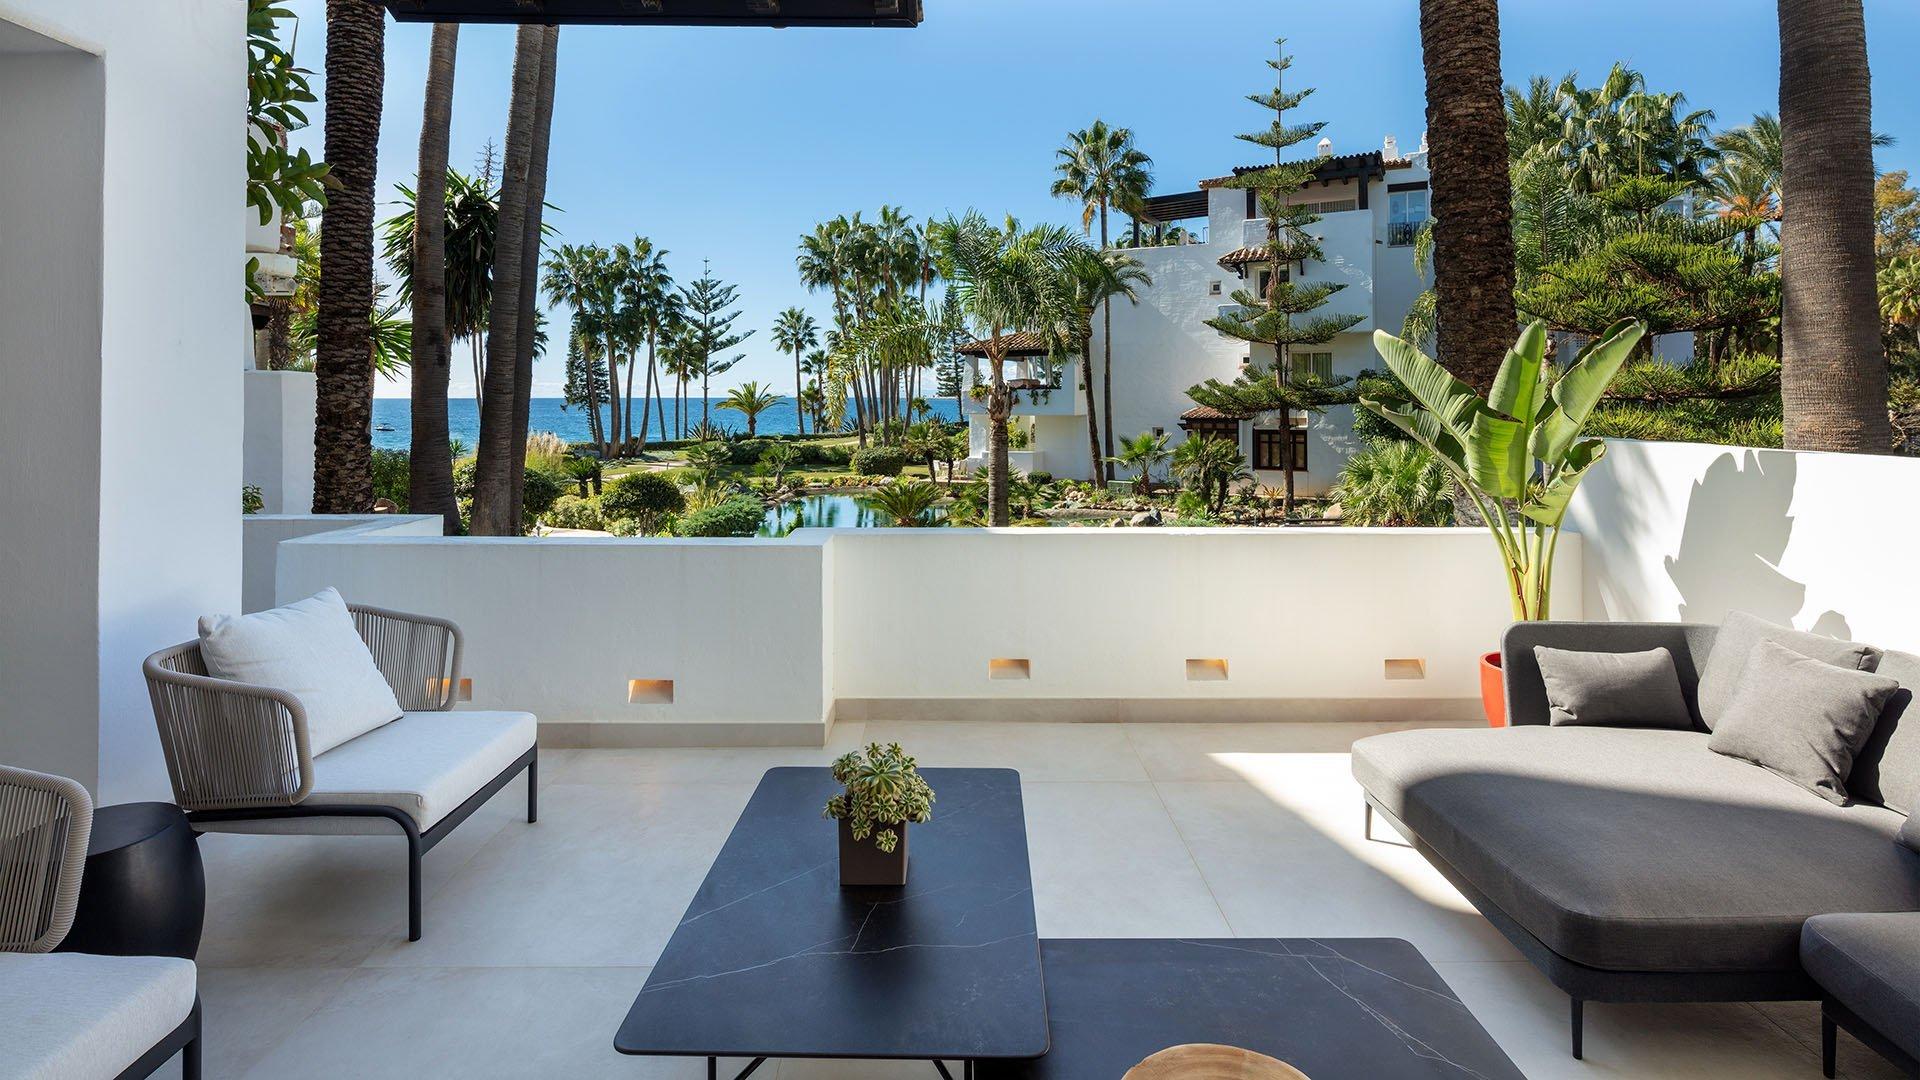 Dalia: Marvellous renovated apartment in Puente Romano, Marbella